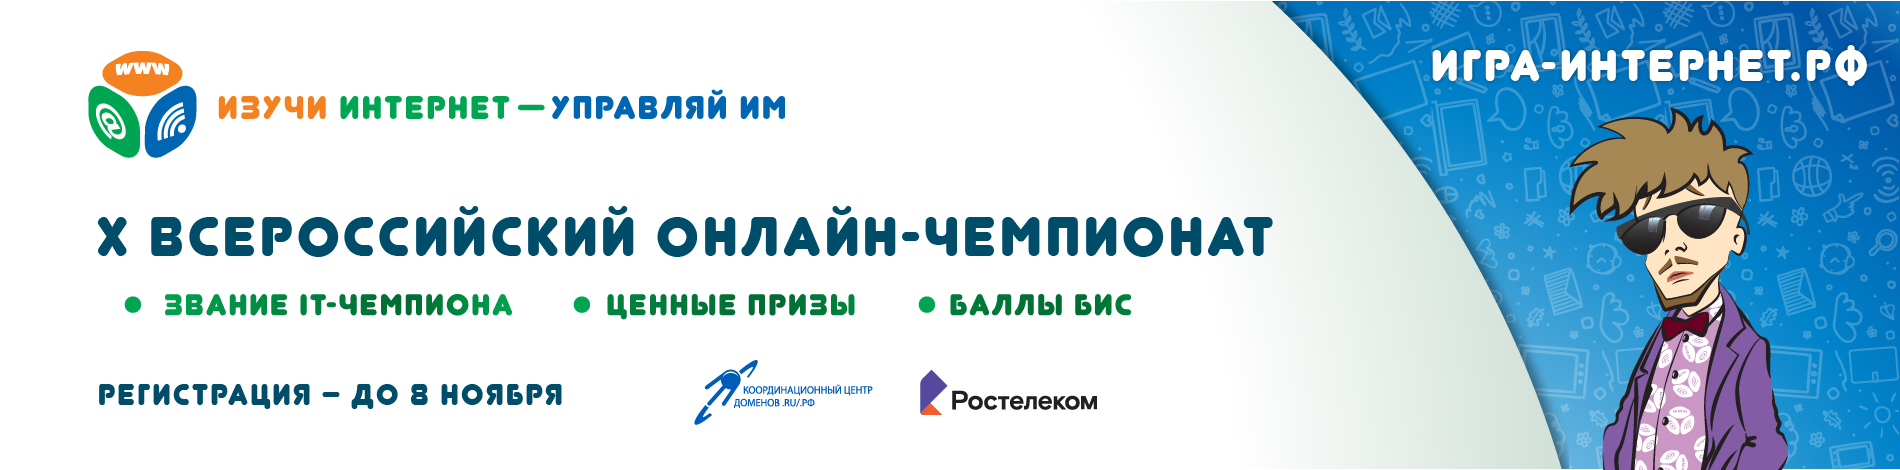 Начинается регистрация участников на X Всероссийский онлайн-чемпионат «Изучи интернет — управляй им!»